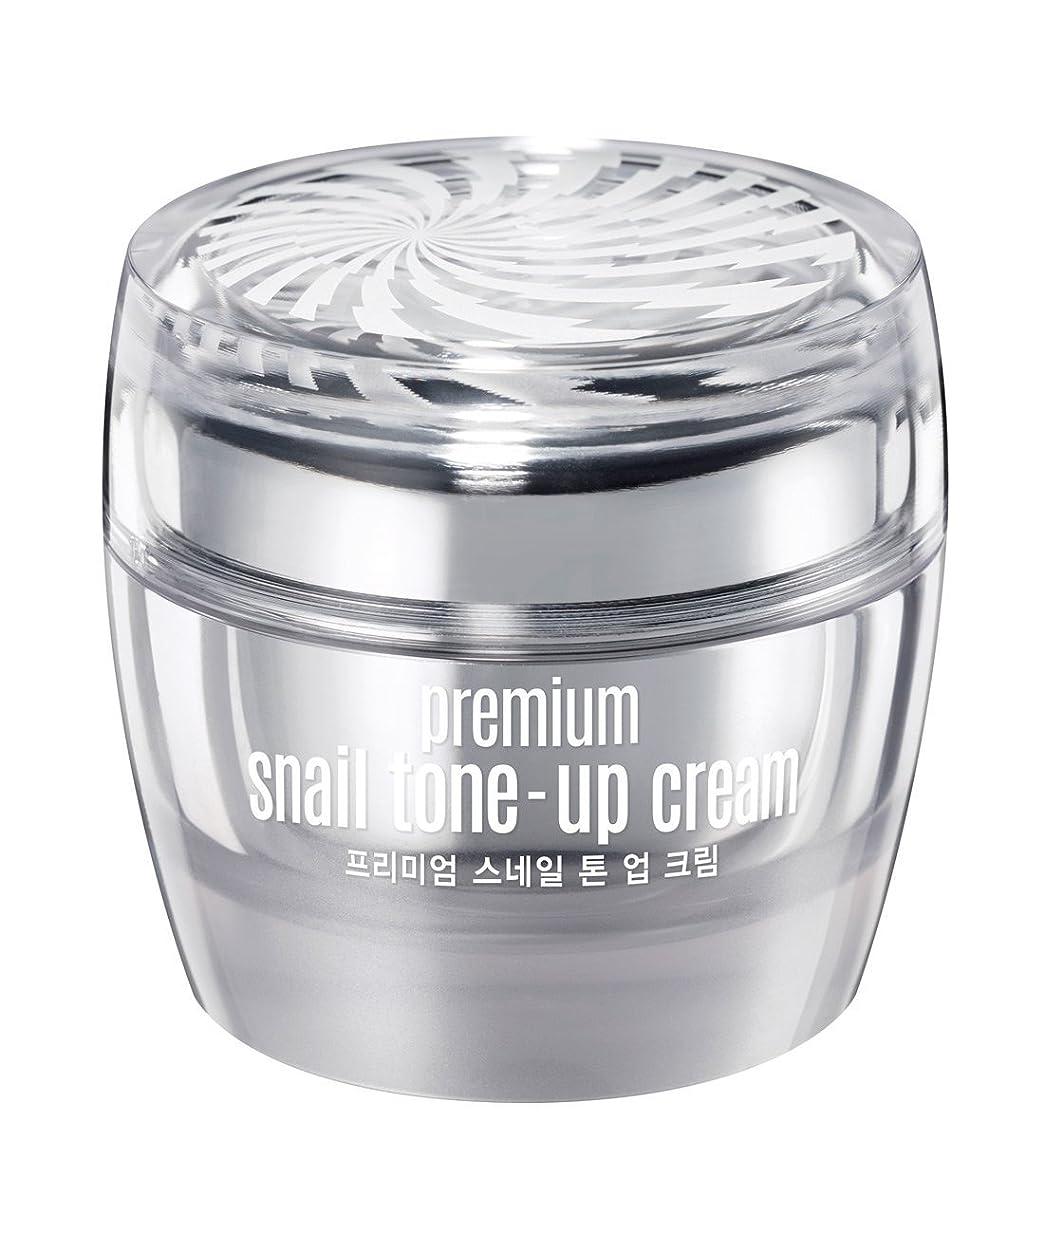 言うまでもなくより良い気まぐれなGoodal Premium Snail Tone Up Whitening Cream 50ml プレミアムカタツムリトーンアップクリーム